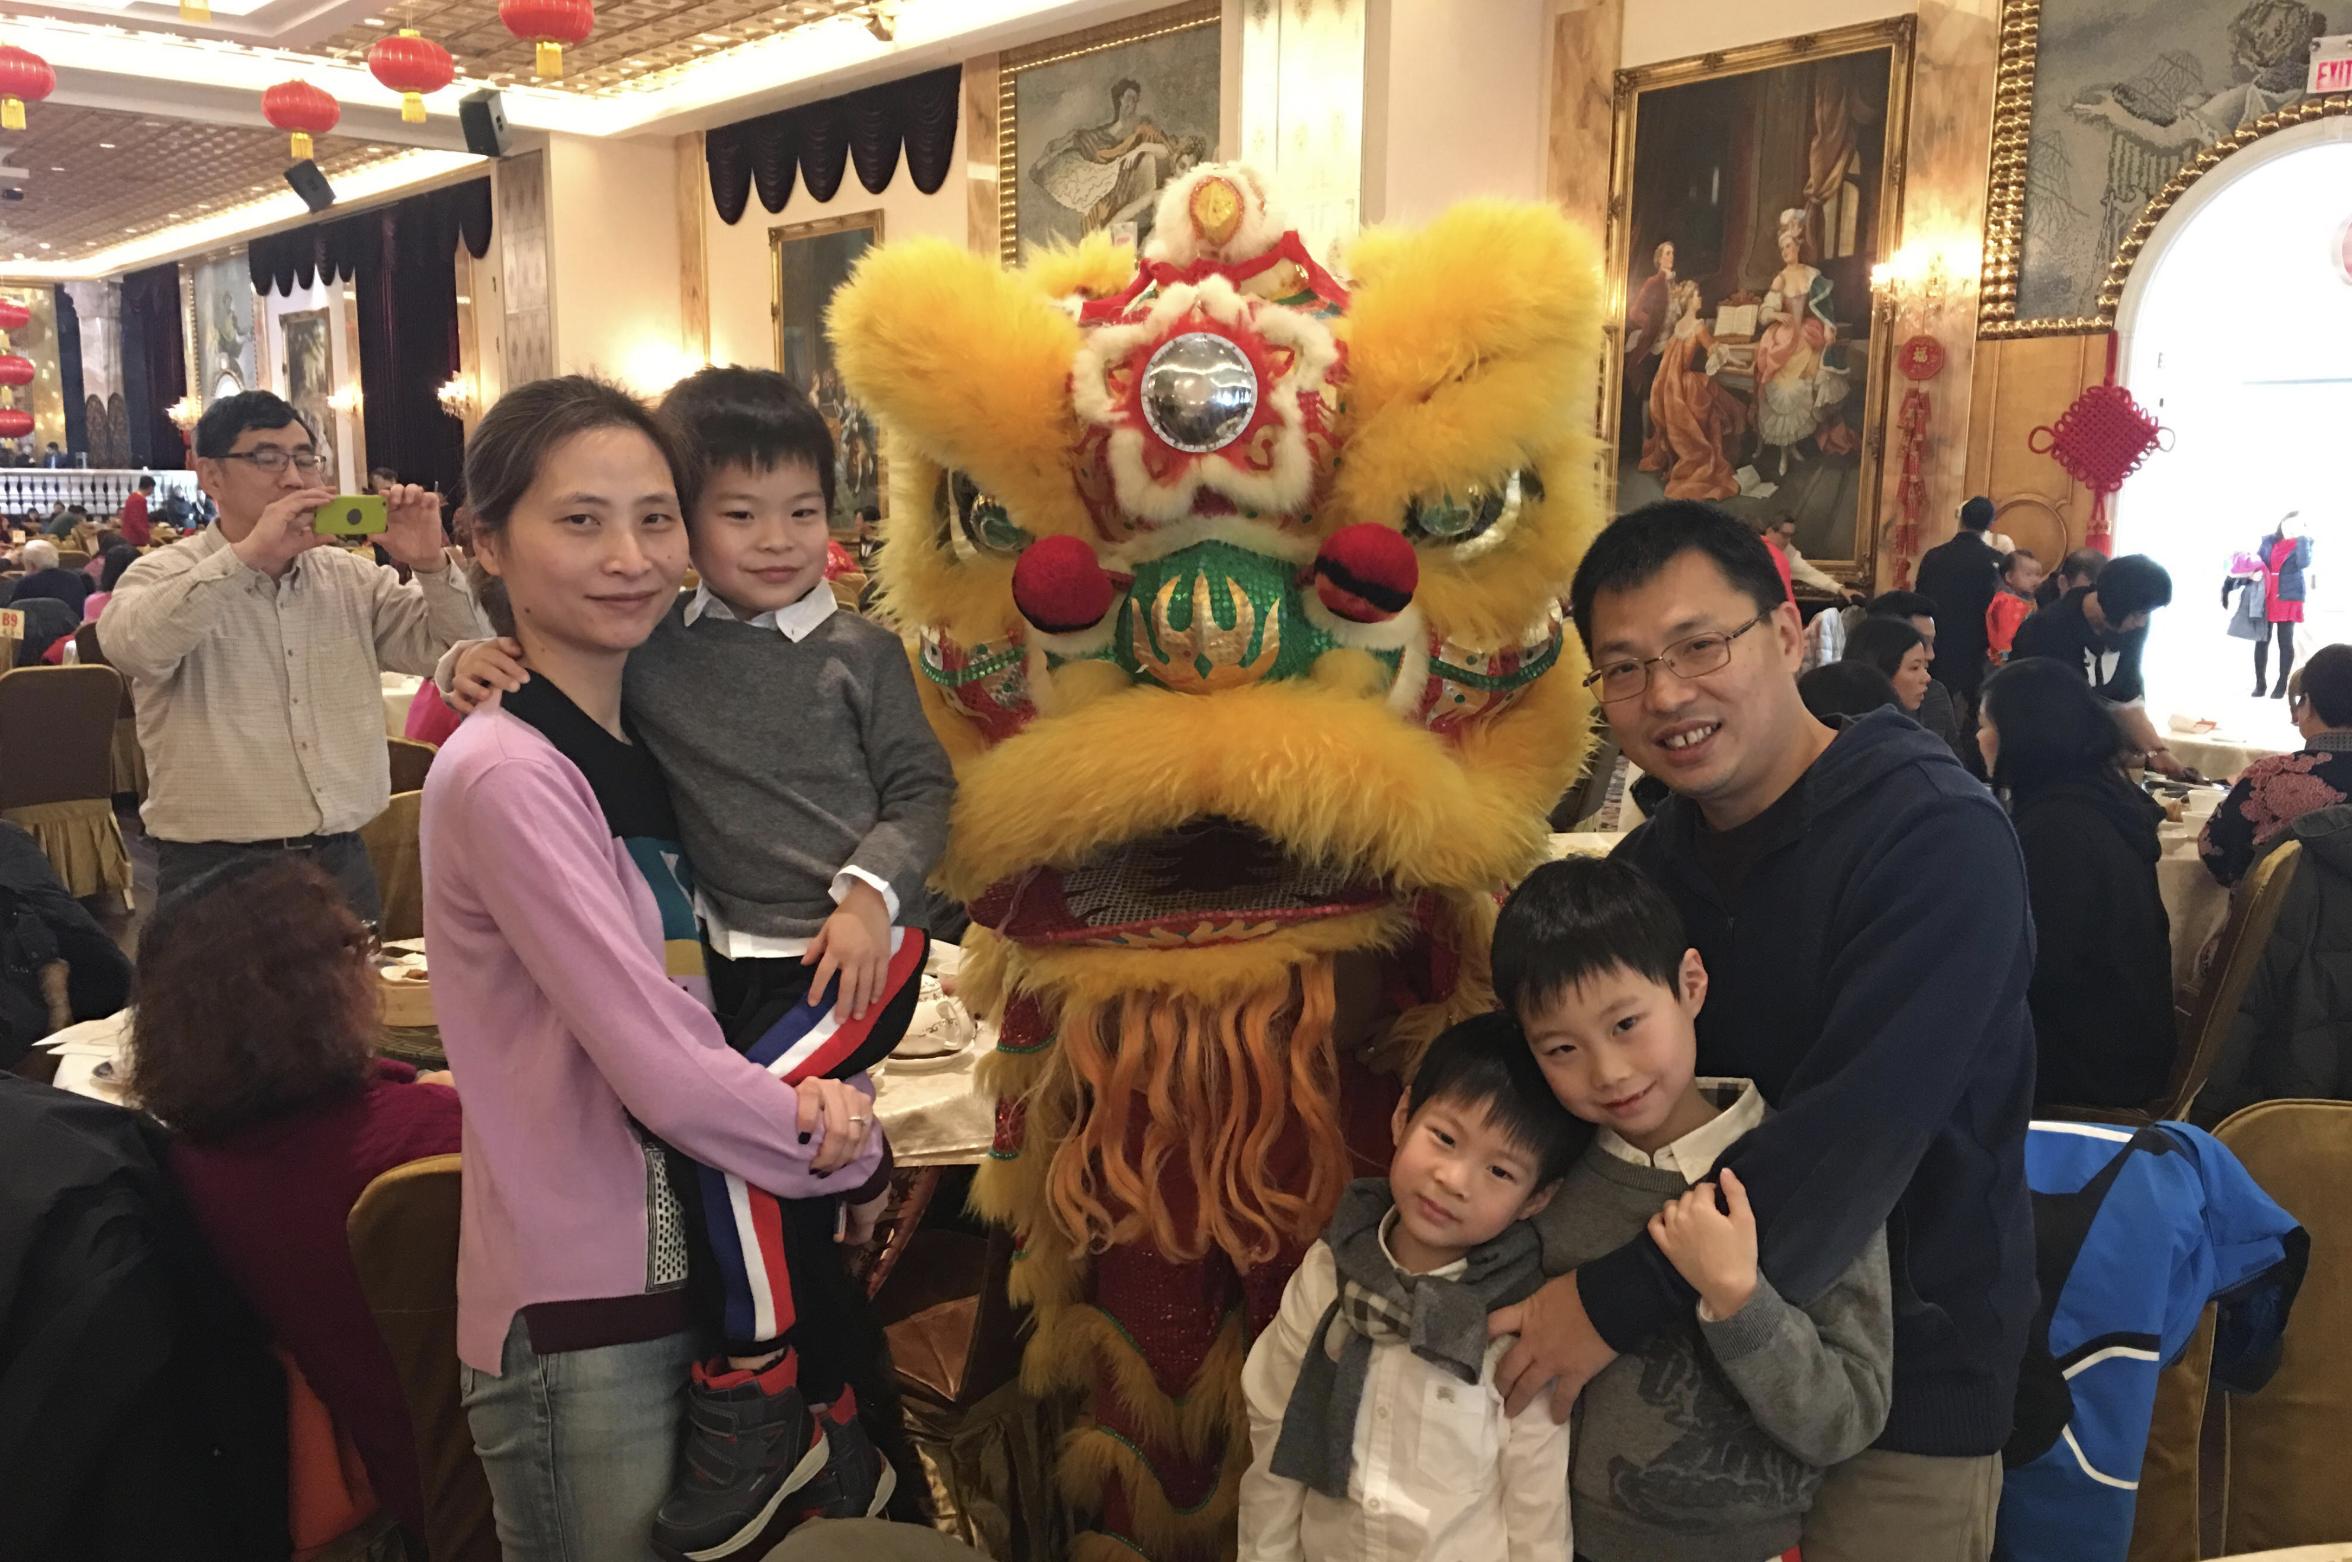 Angel, Martin (entering JK), Thomas (SK), Edward (Grade 3) and Qiang Du